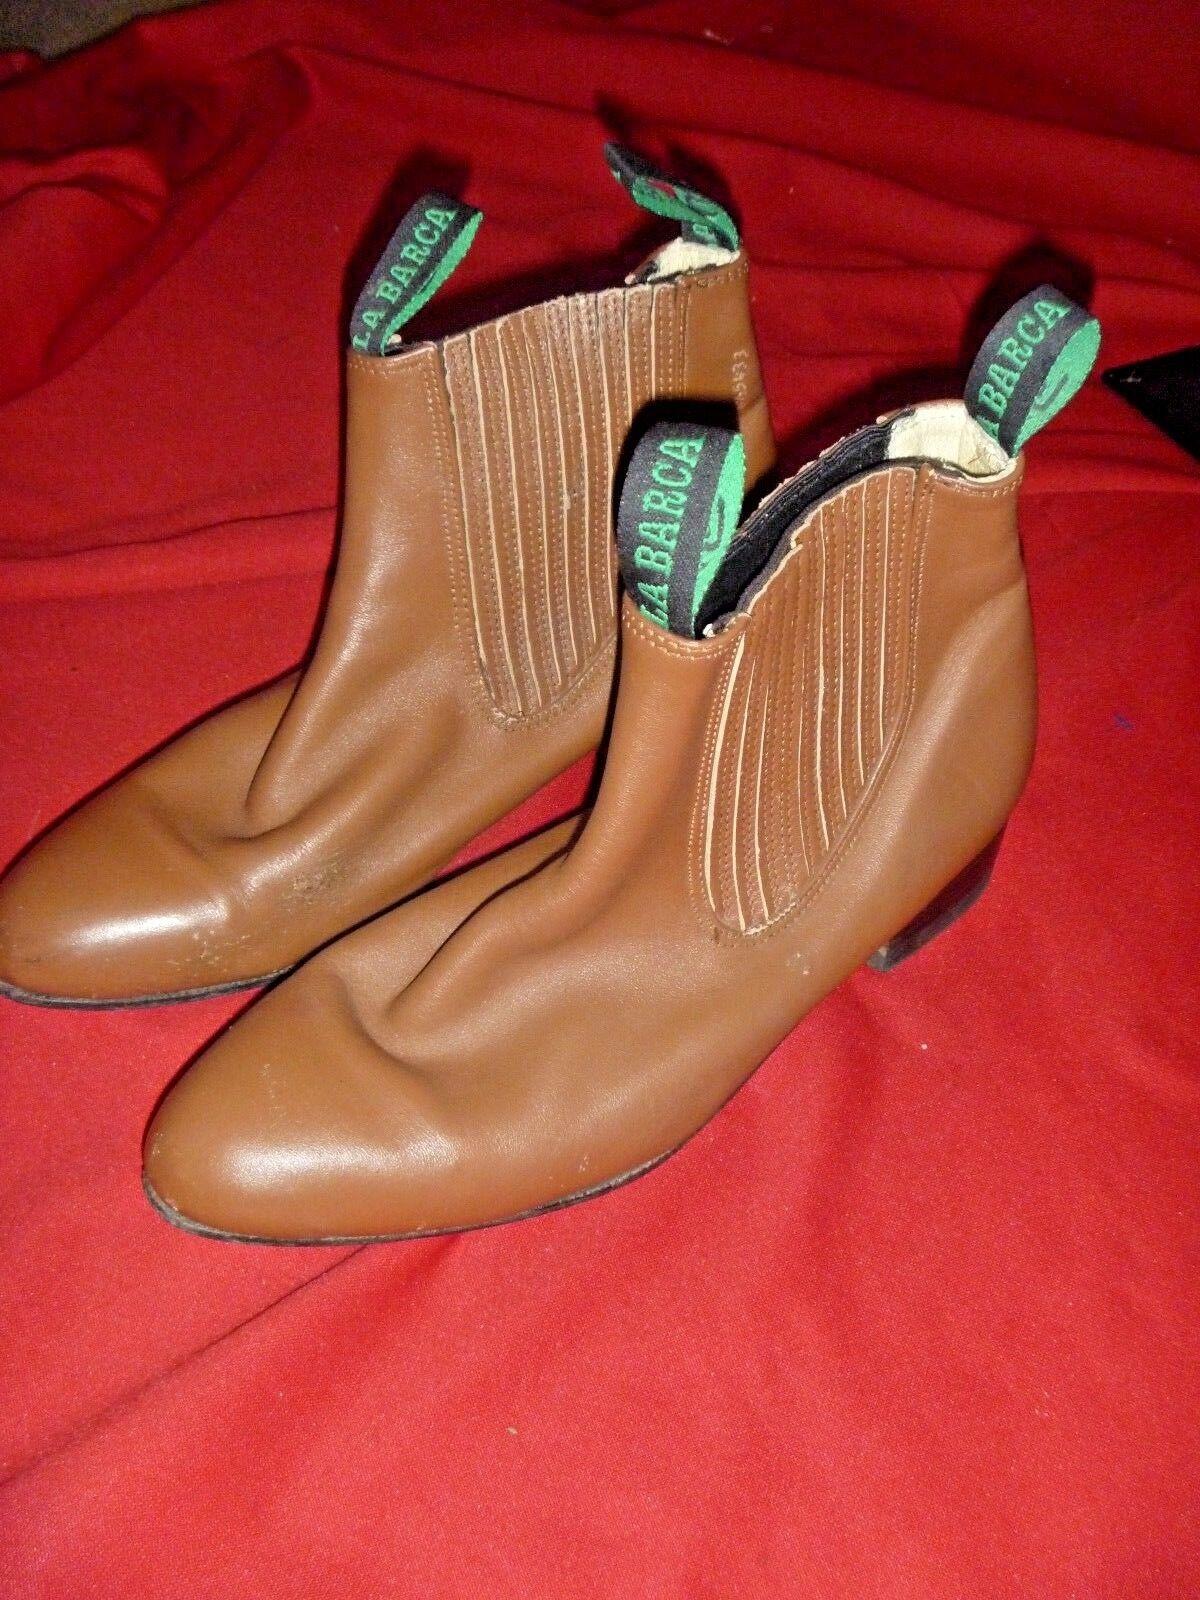 LA BARCA Camel Cuero Occidental botas Zapatos para hombre lados estiramiento 10.5